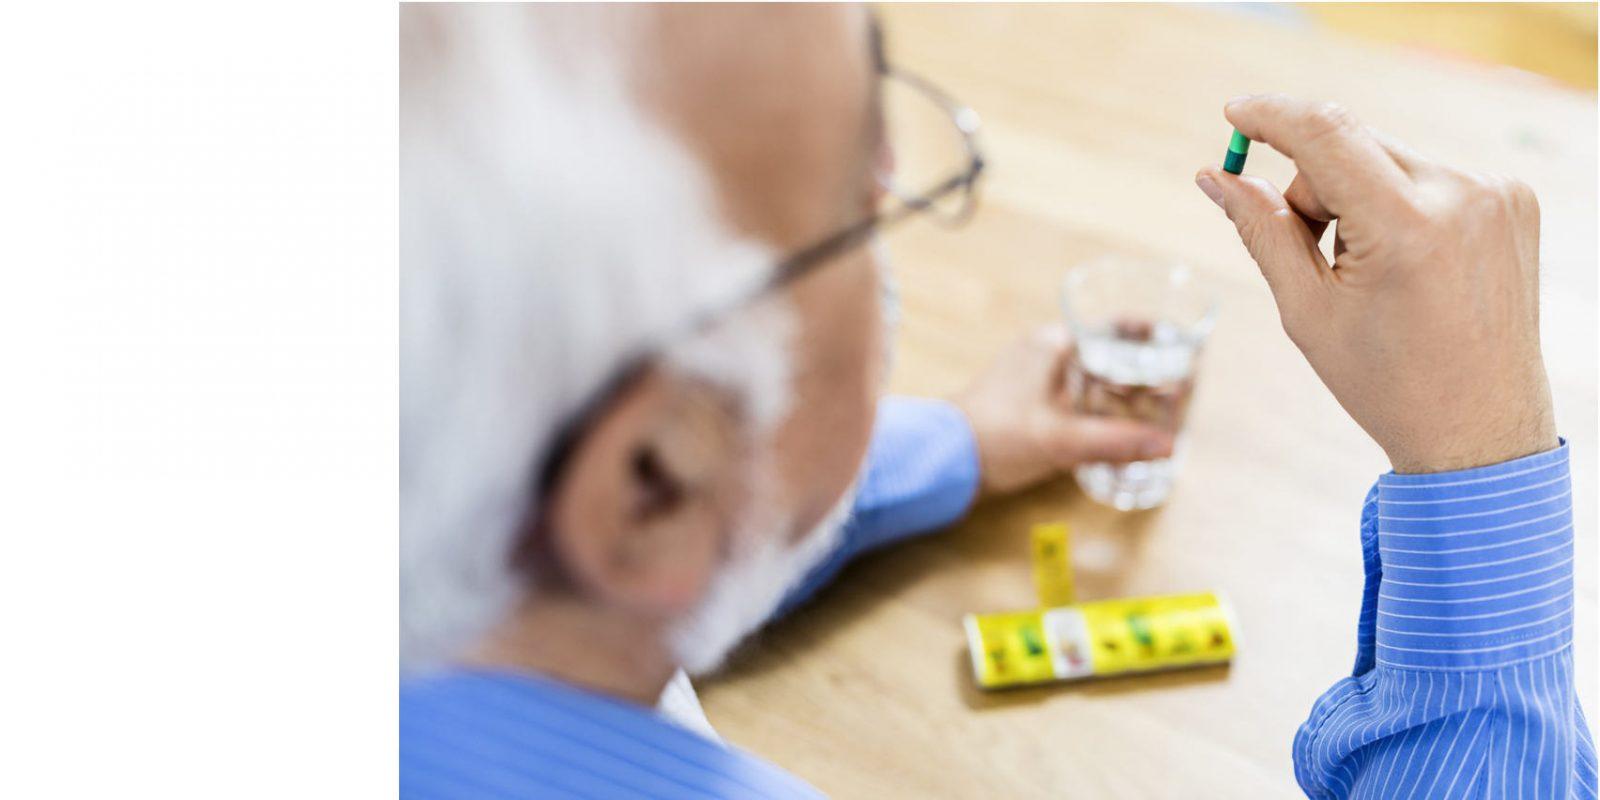 Medikamente leichter einnehmen